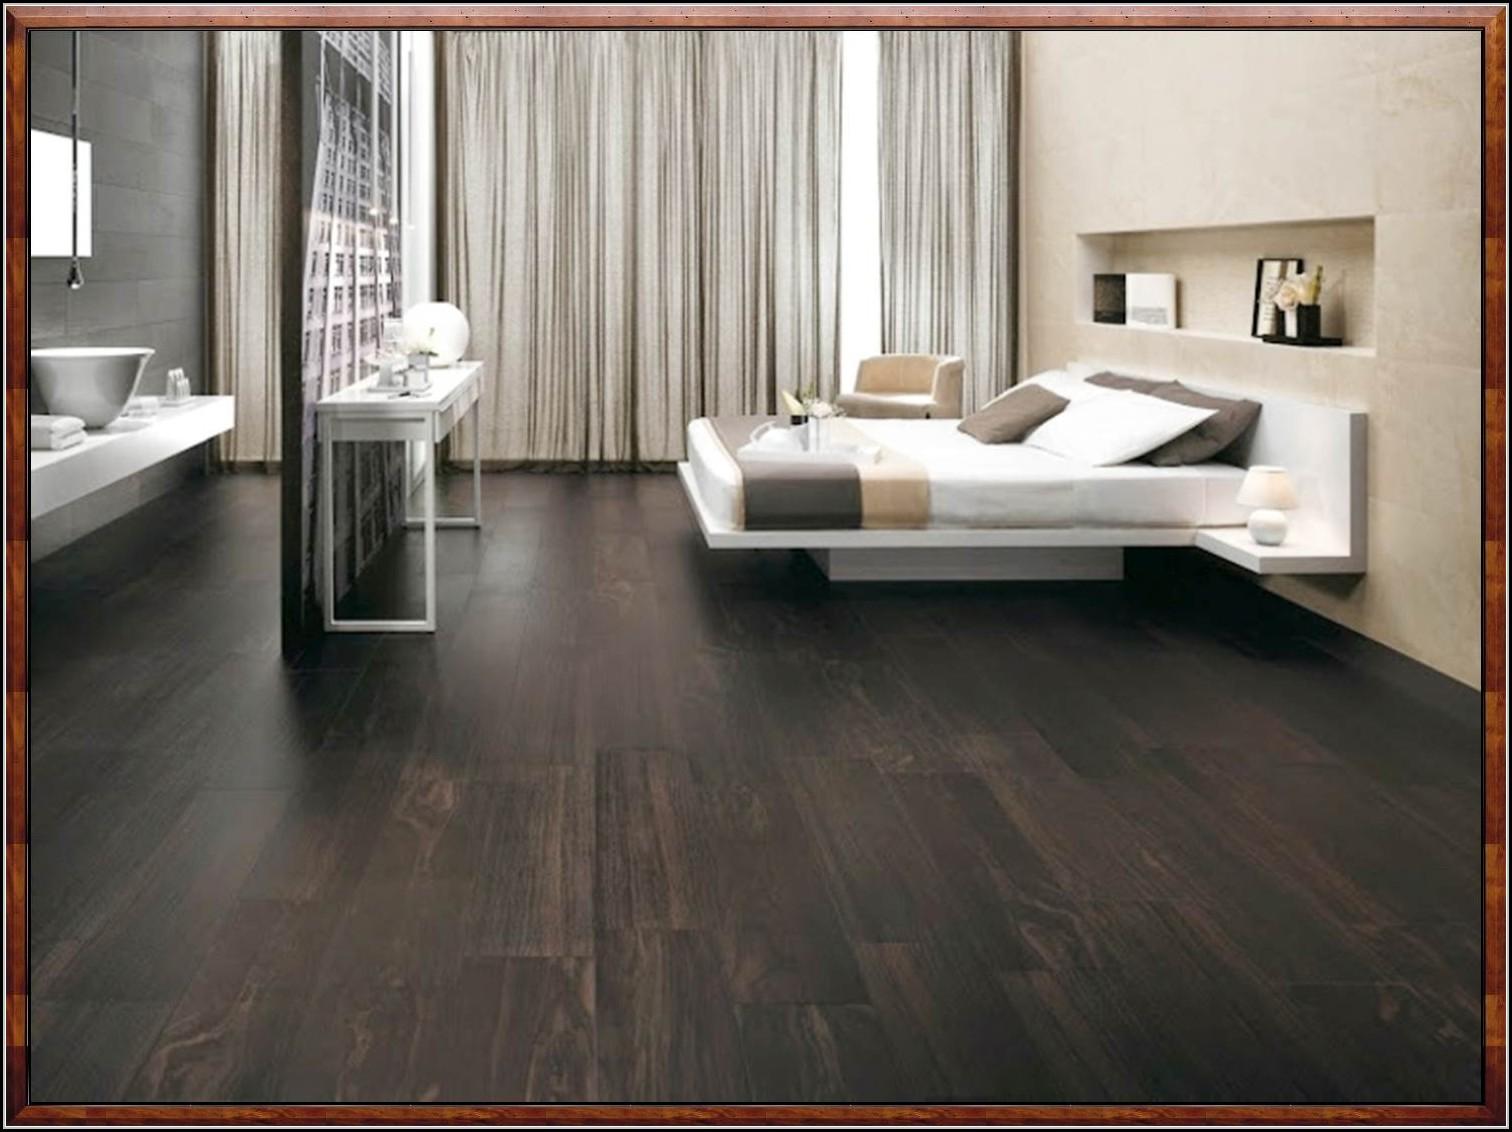 fliesen holzoptik eiche dunkel fliesen house und dekor galerie rmrvr3vrx9. Black Bedroom Furniture Sets. Home Design Ideas